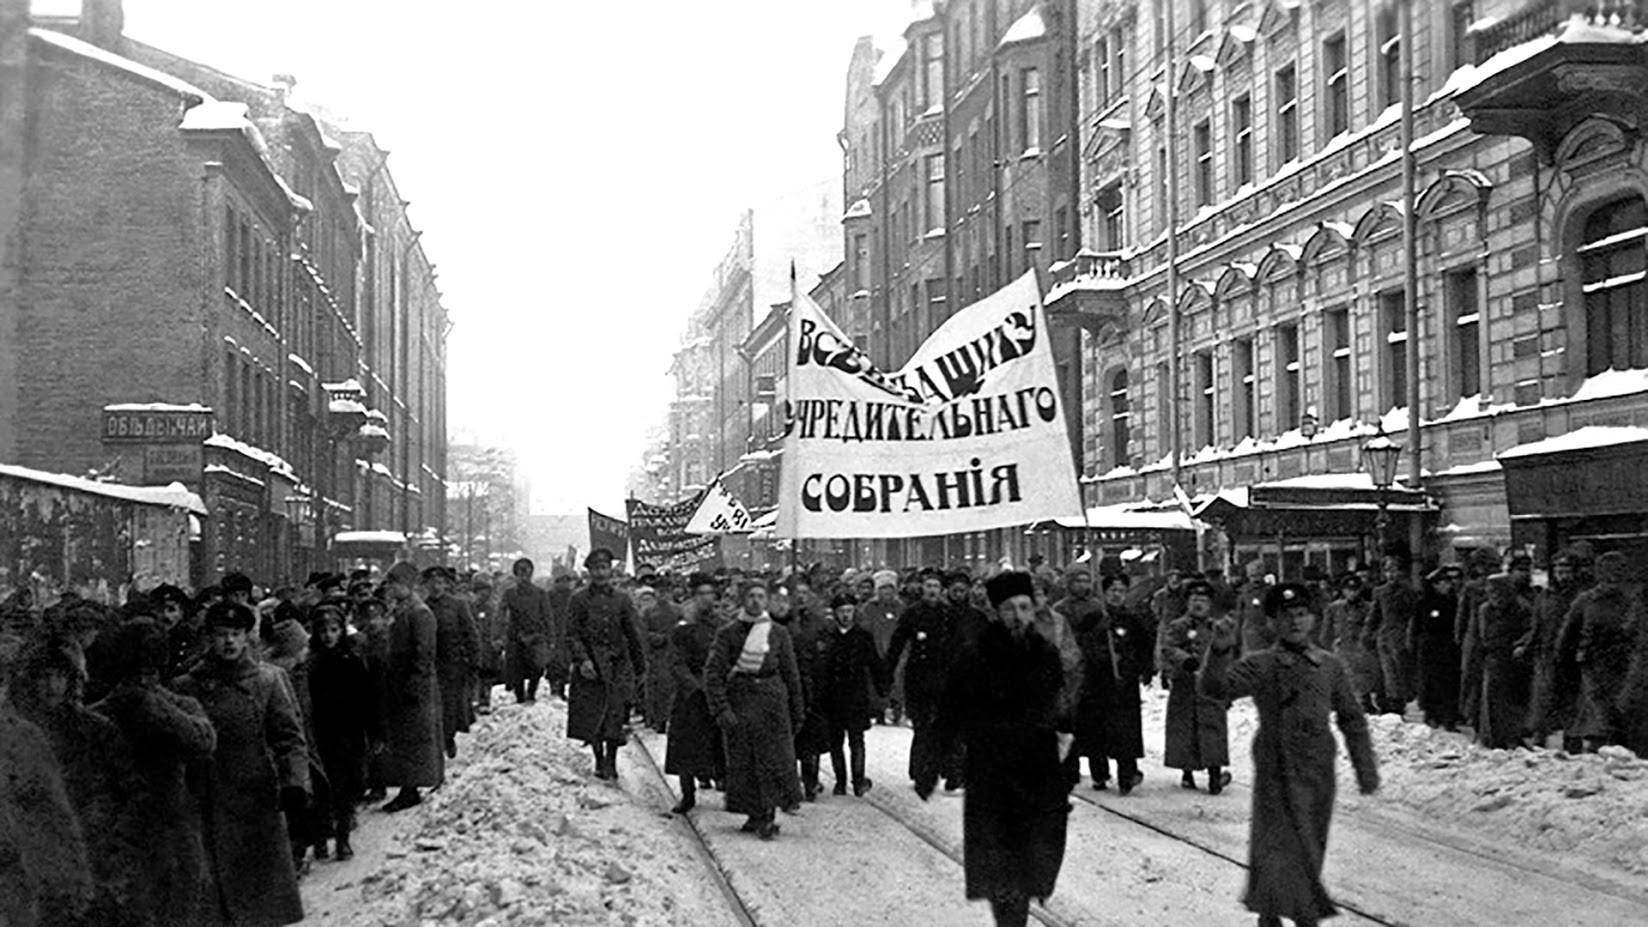 Mirne demonstracije v podporo ustavodajni skupščini